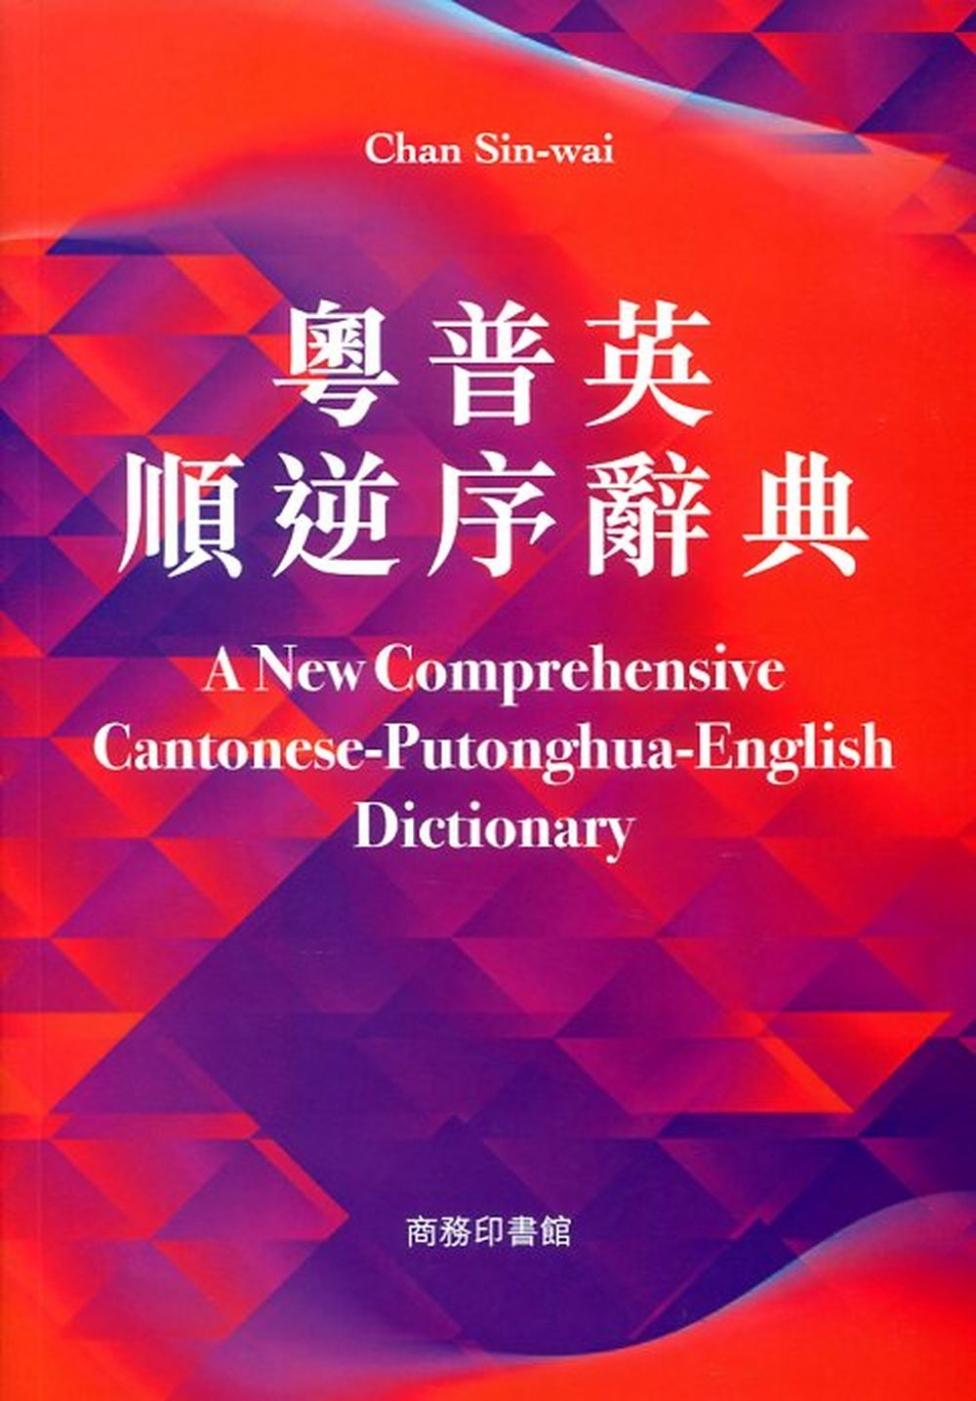 粵普英順逆序詞典 A New Comprehensive Cantonese-Putonghua-English Dictionary